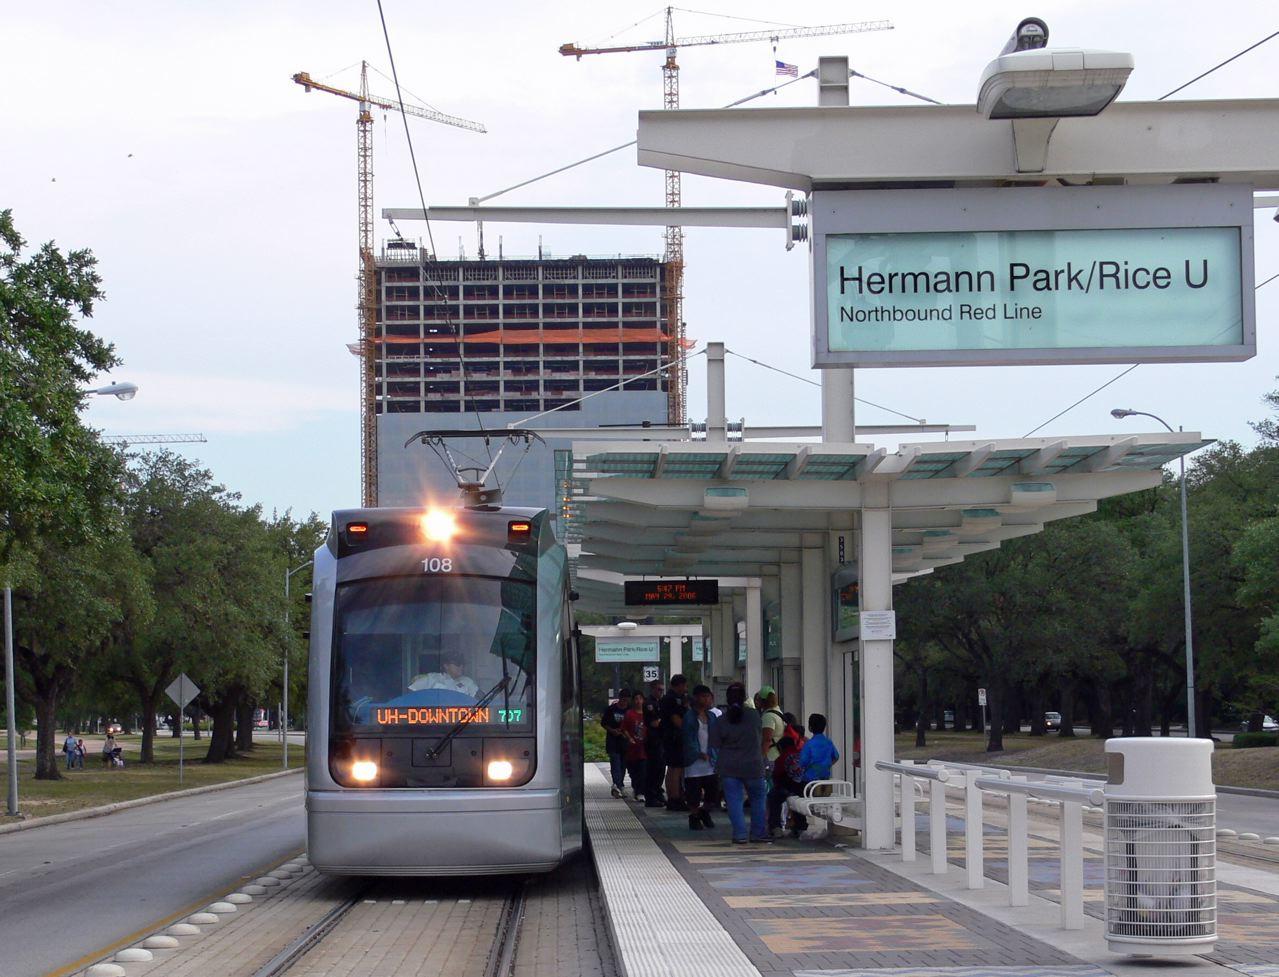 Hermann Park/Rice University station - Wikipedia